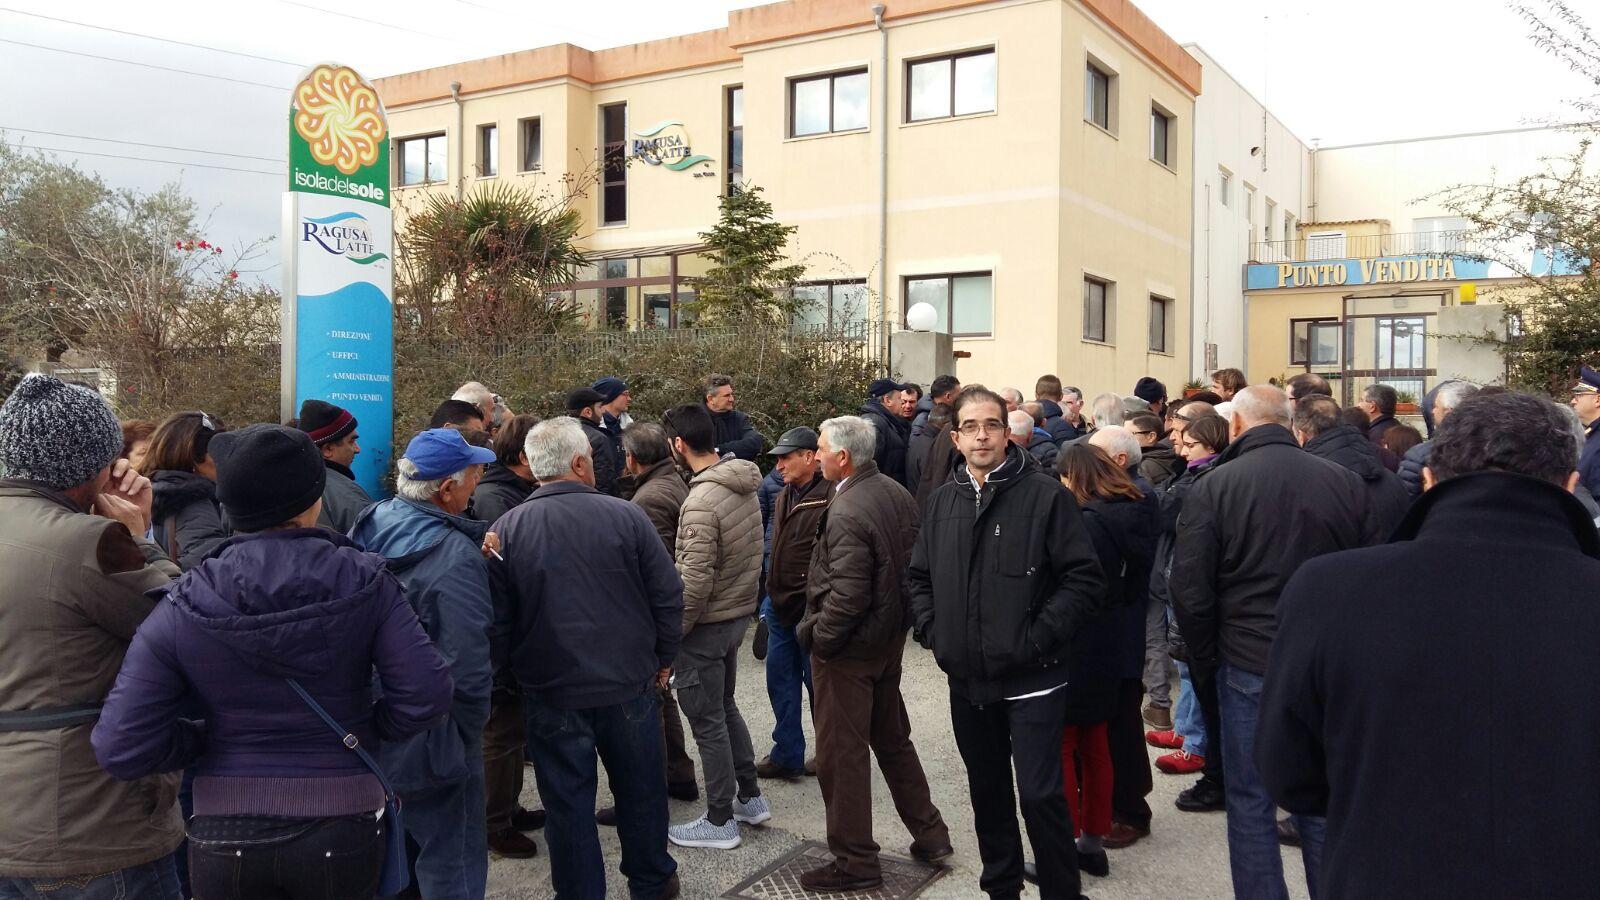 Ragusa, gli allevatori in protesta